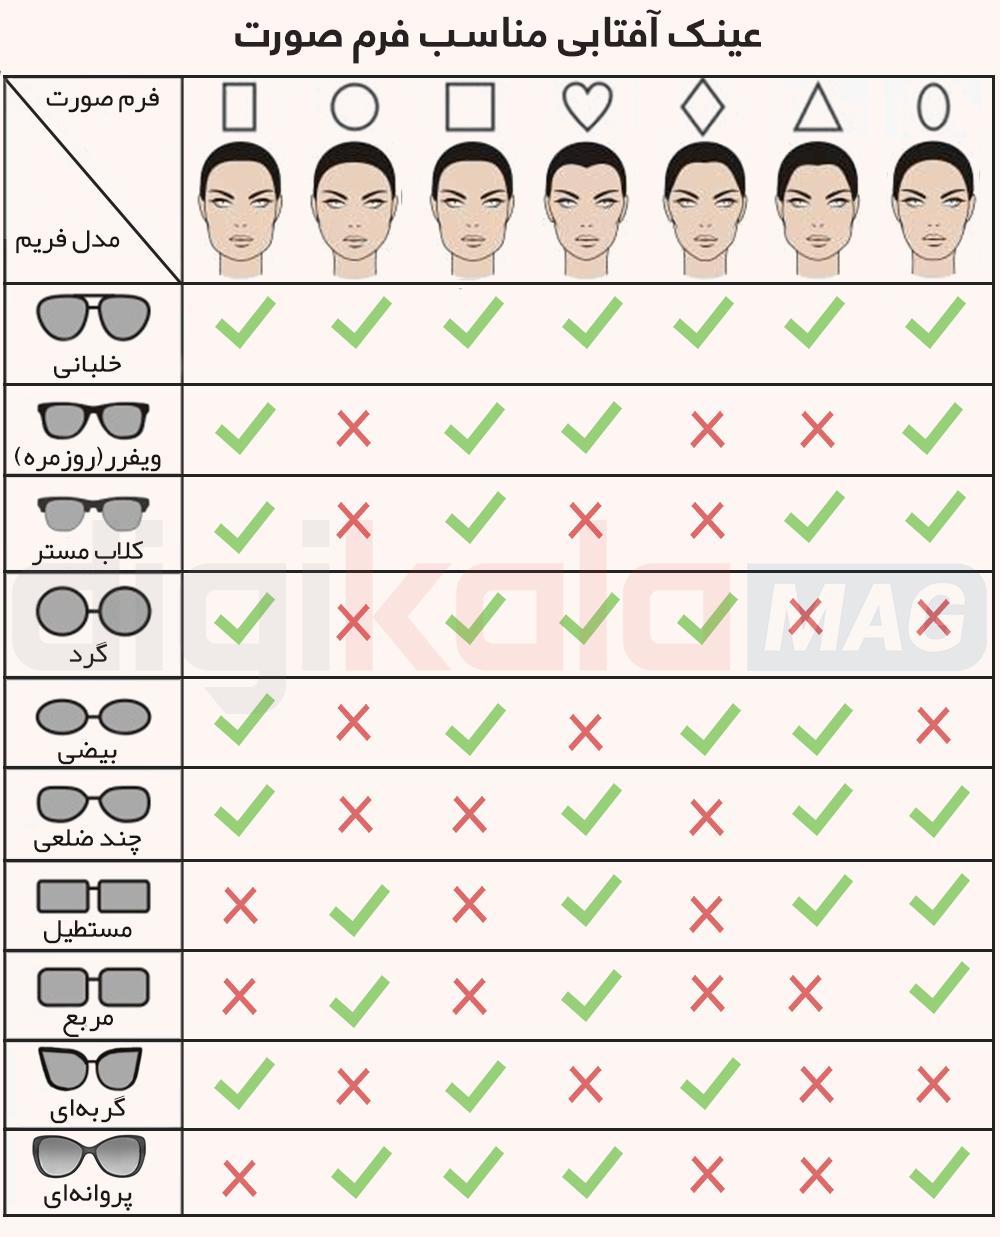 راهنمای خرید عینک آفتابی با توجه به نوع صورت